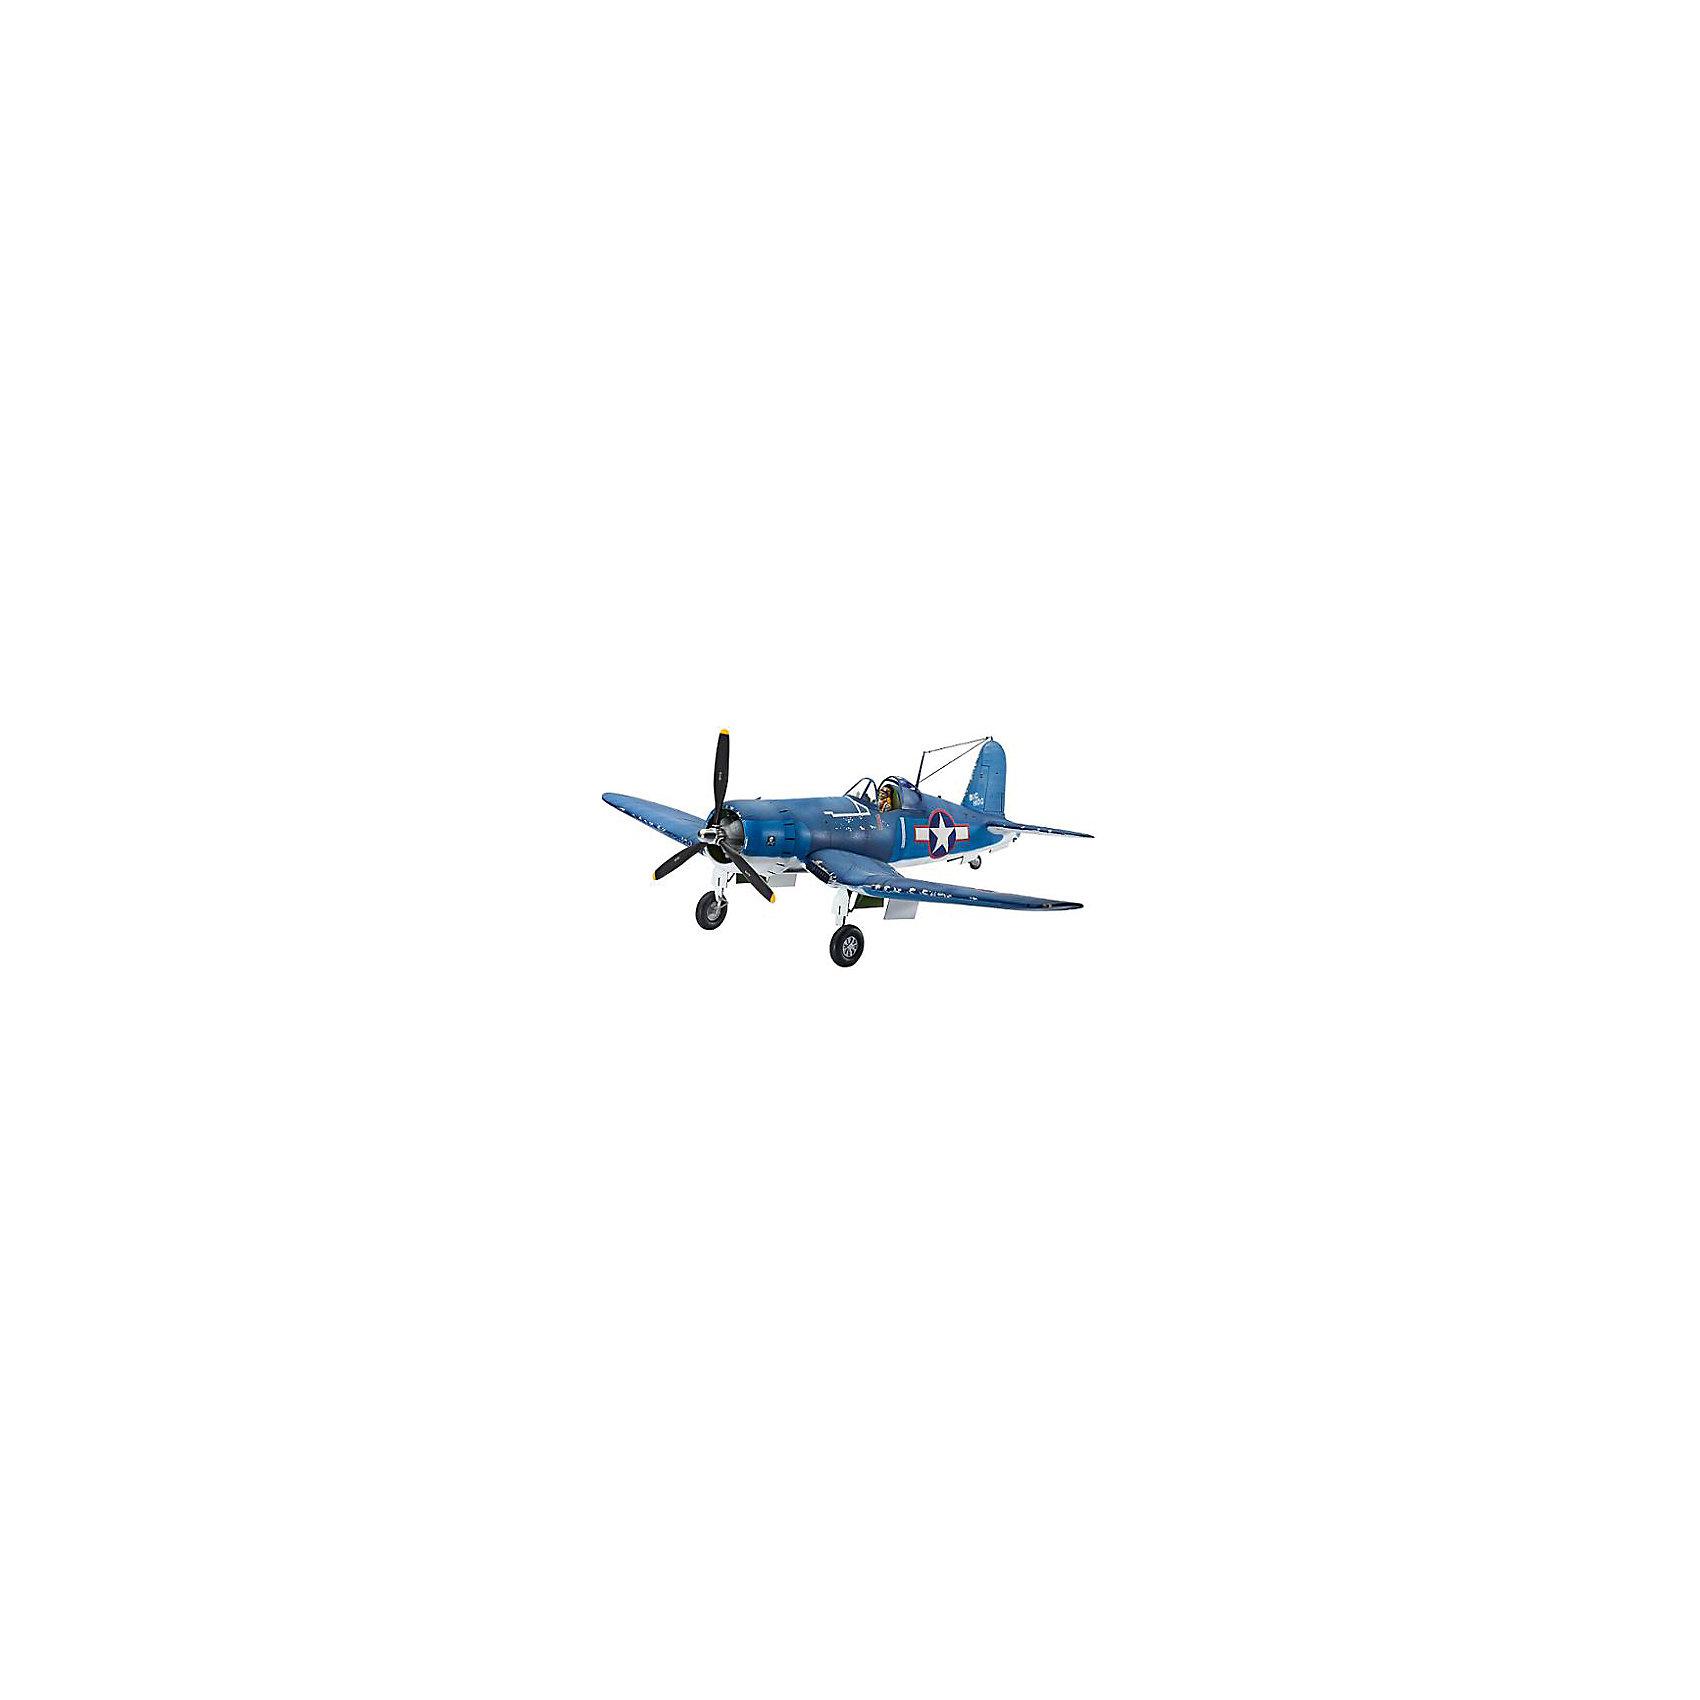 Истребитель-бомбардировщик Vought F4U-1D CorsairМодели для склеивания<br>F4U «Корсар» — палубный одноместный истребитель времён Второй мировой войны. Строился и спроектирован фирмой Чанс-Воут. Военно-морские силы США в 1938 году провели конкурс на разработку палубного истребителя, победа в котором досталась фирме Чанс-Воут. В итоге сконструировали сильно изогнутое складывающееся крыло типа обратная чайка, основные стойки убирающегося шасси были расположены в месте излома крыла. На самолете модели Корсар впервые в авиастроении использована точечная электросварка. 3 июня 1941 года ВМС подписали с фирмой контракт на поставку 580 самолётов этого типа. <br>Масштаб: 1:32 <br>Количество деталей: 68 <br>Длина модели: 321 мм <br>Размах крыльев: 388 мм <br>Подойдет для детей старше 10-и лет <br>ВНИМАНИЕ: Клей, краски и кисточки приобретаются отдельно.<br><br>Ширина мм: 9999<br>Глубина мм: 9999<br>Высота мм: 9999<br>Вес г: 9999<br>Возраст от месяцев: 120<br>Возраст до месяцев: 2147483647<br>Пол: Мужской<br>Возраст: Детский<br>SKU: 7122333